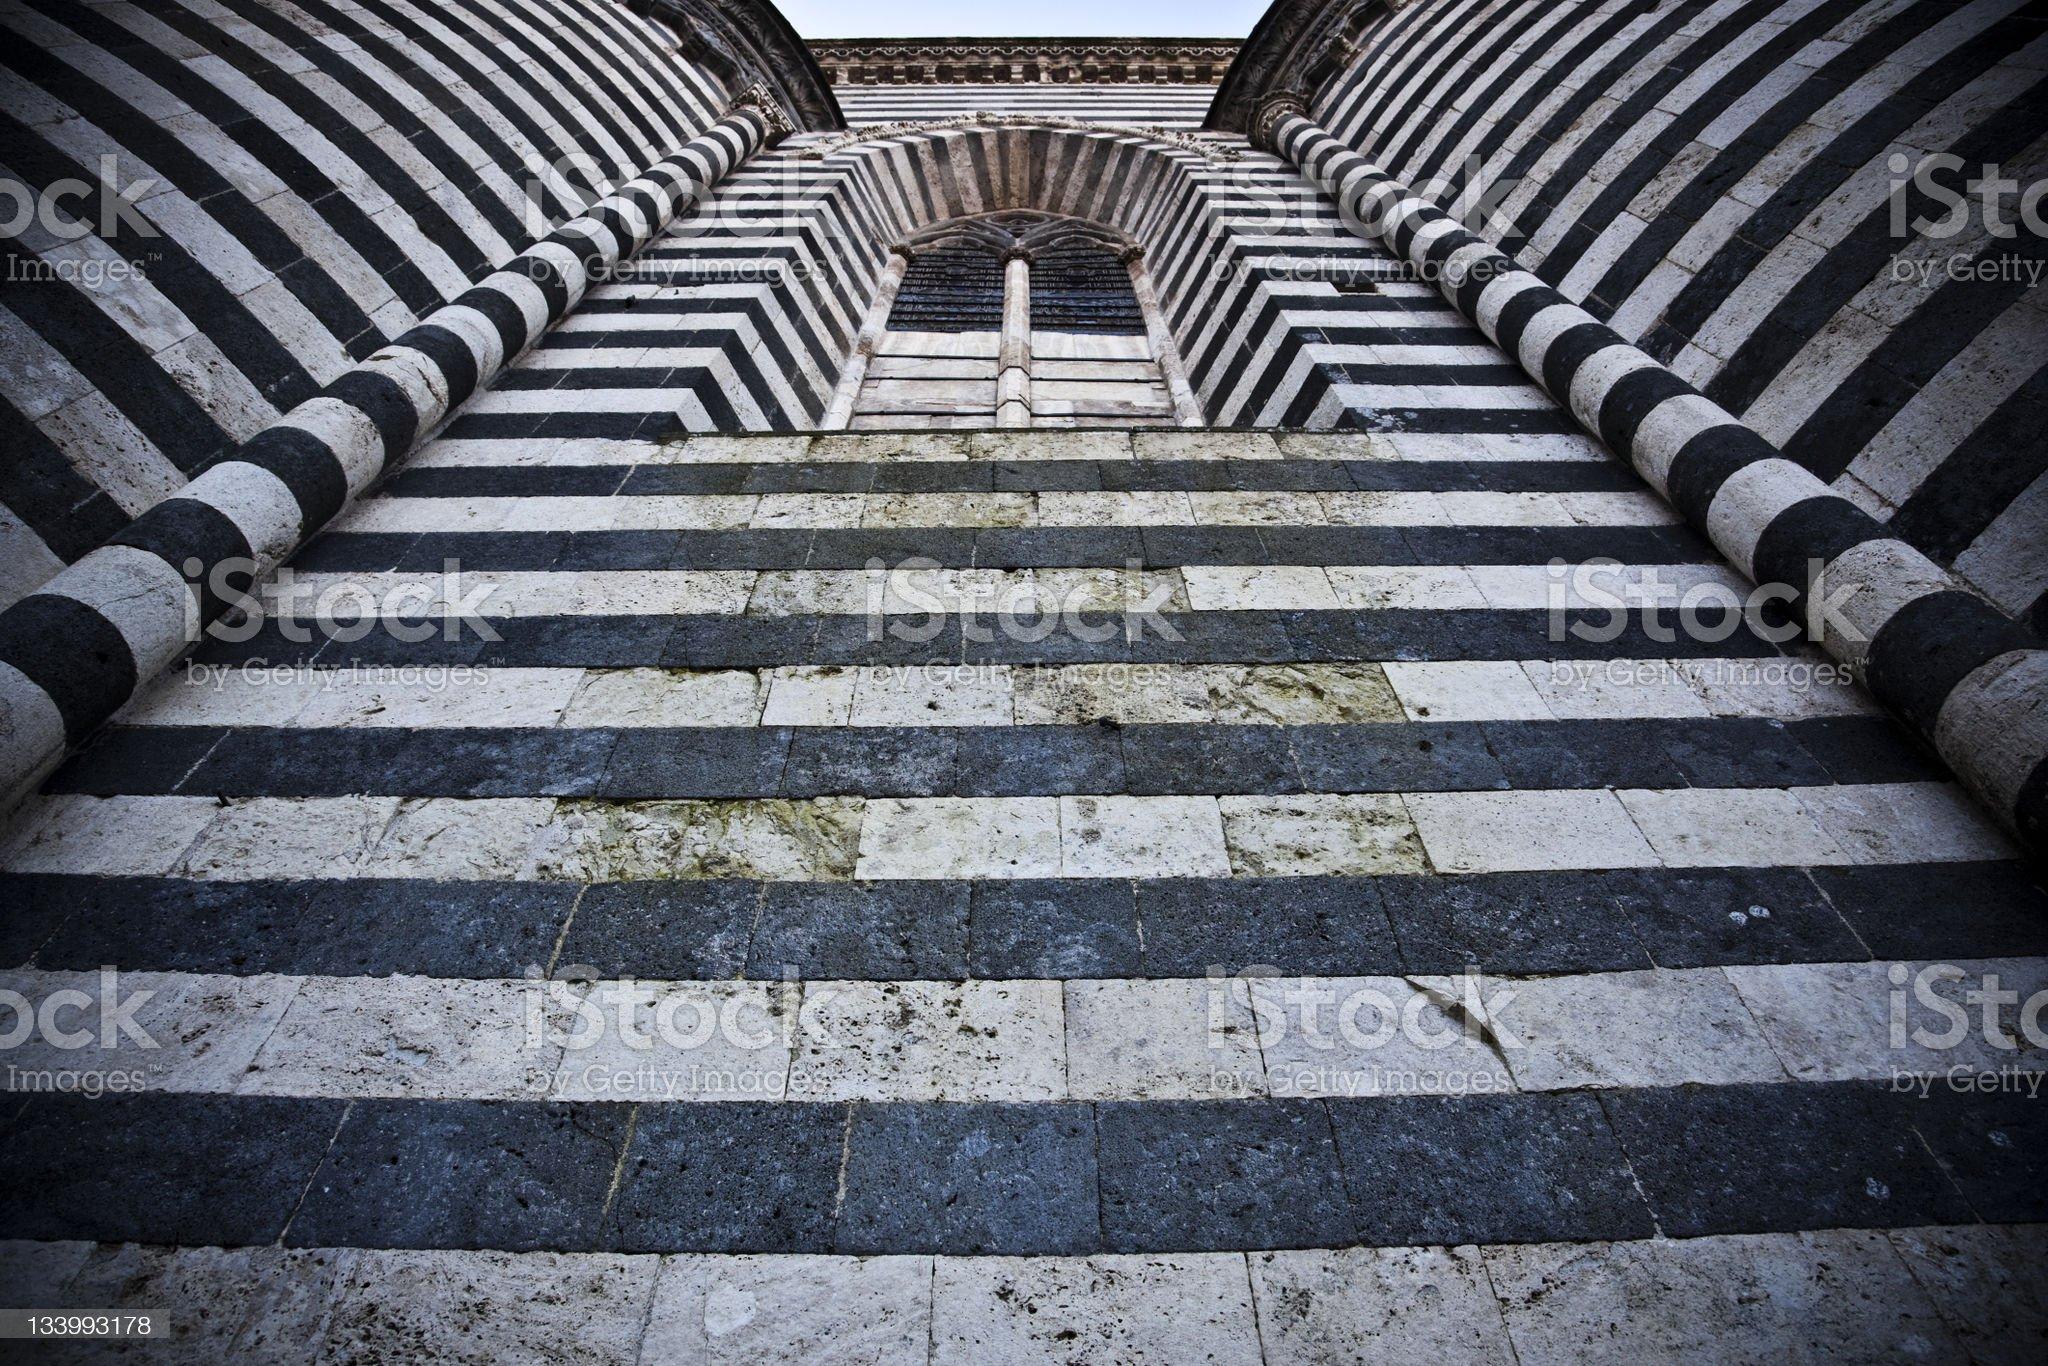 Gothic Architecture, Duomo of Orvieto, Italy royalty-free stock photo